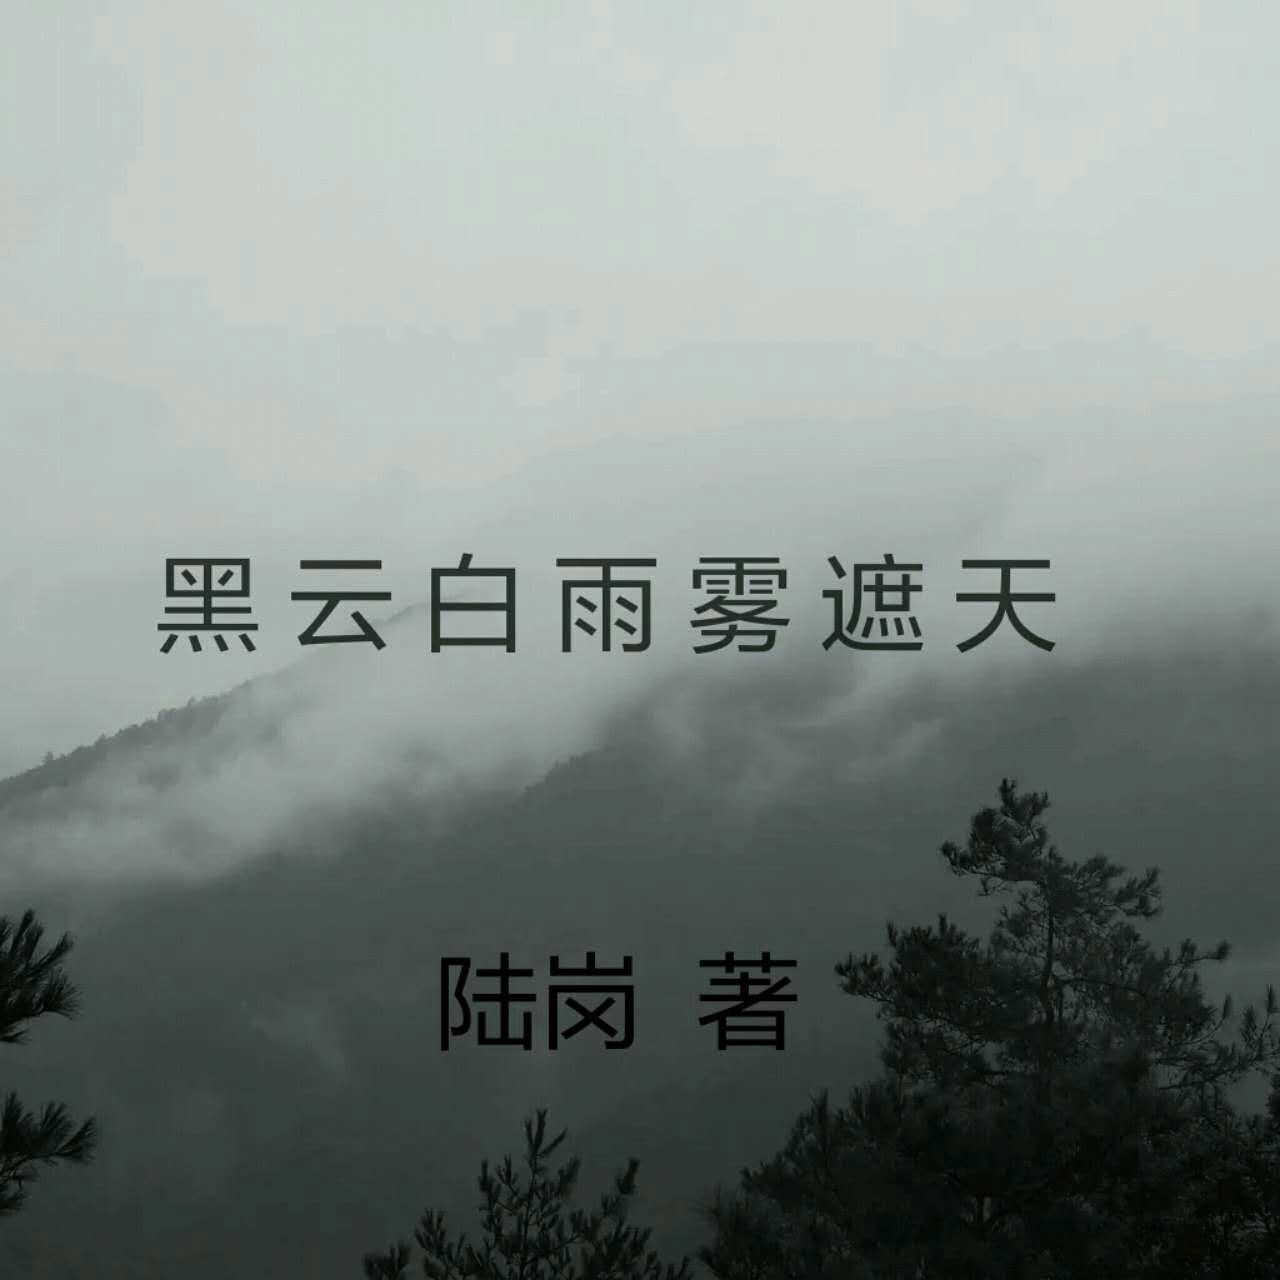 黑云白雨雾遮天